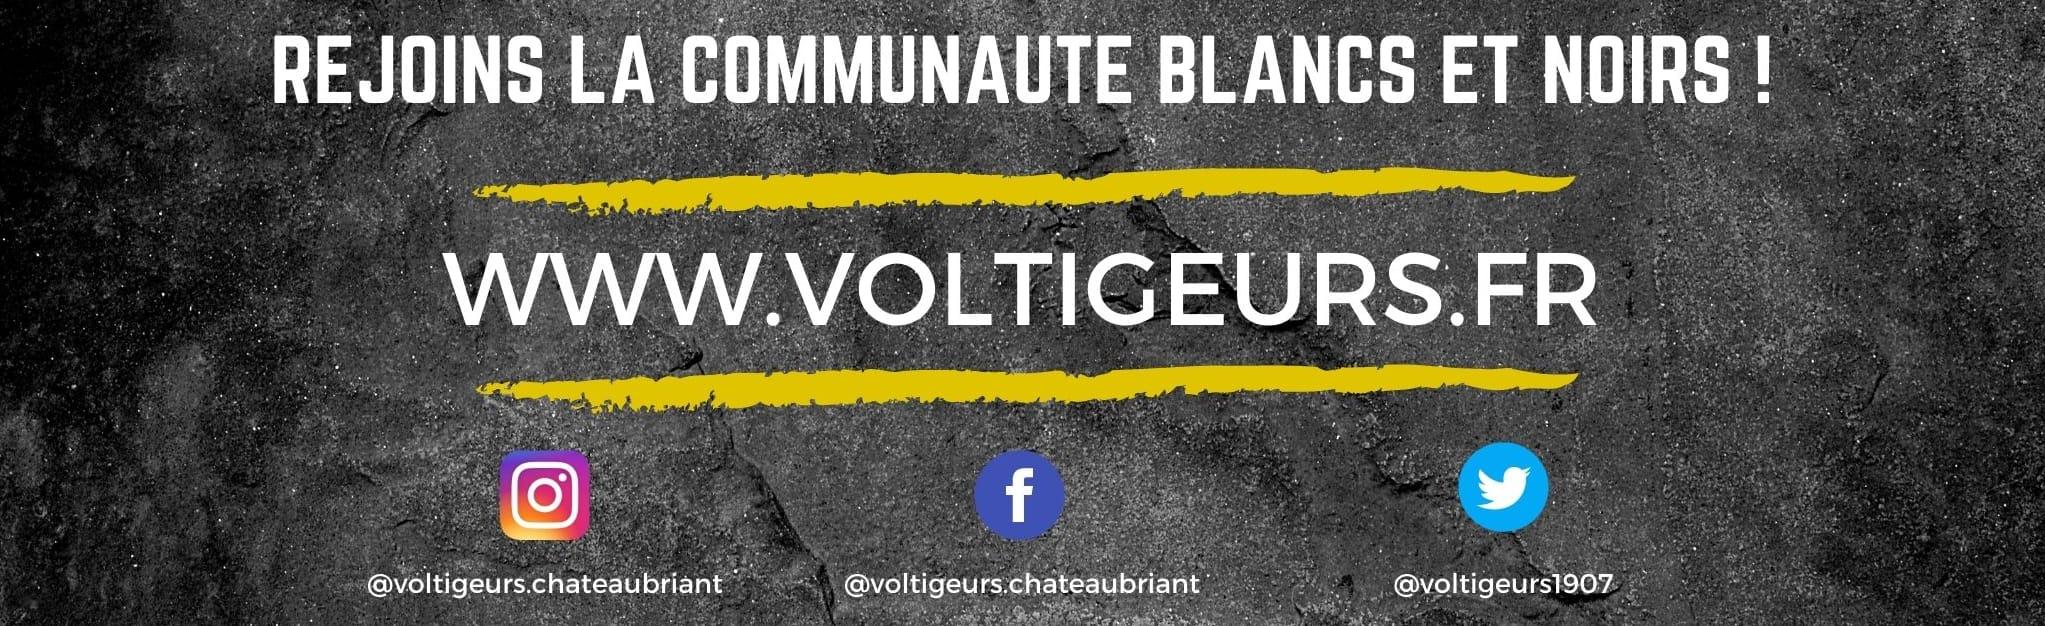 Voltigeurs Châteaubriant